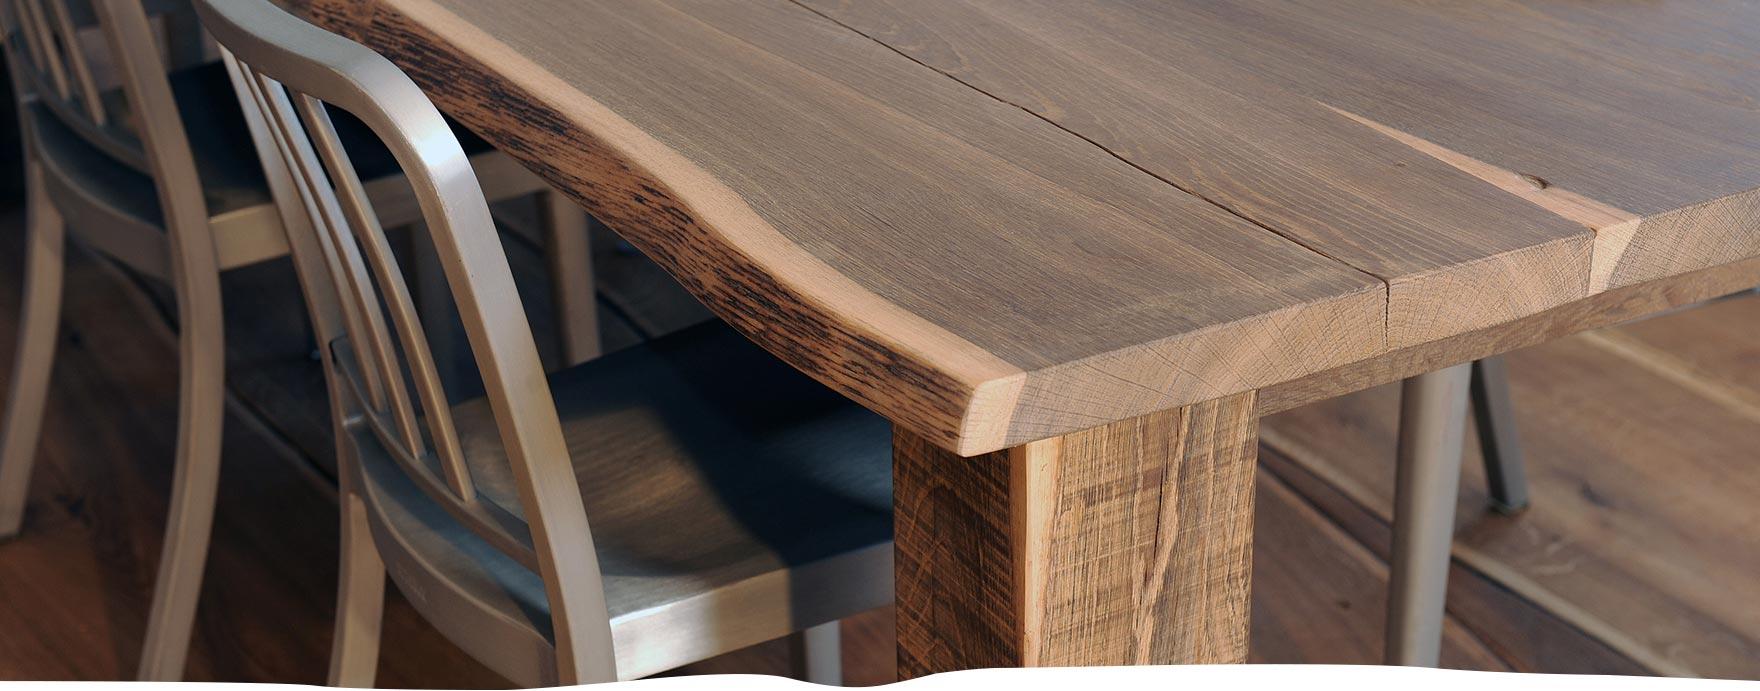 Massief eiken boomstamtafel met houten poten op maat gemaakt - De Hout Snip